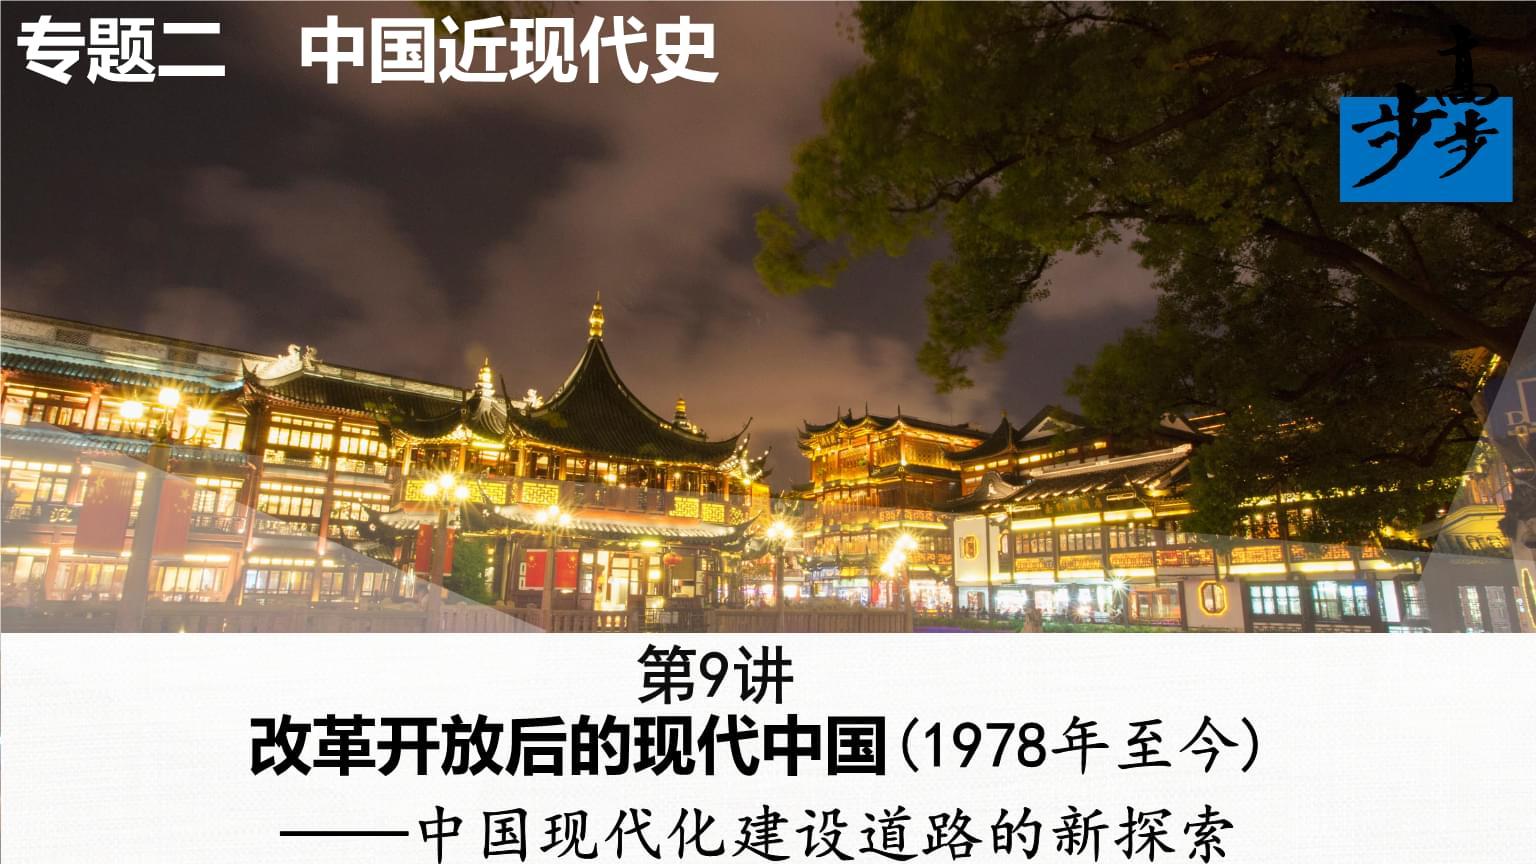 高中历史课件专题2 第9讲:改革开放后的现代中国(1978年至今).pptx